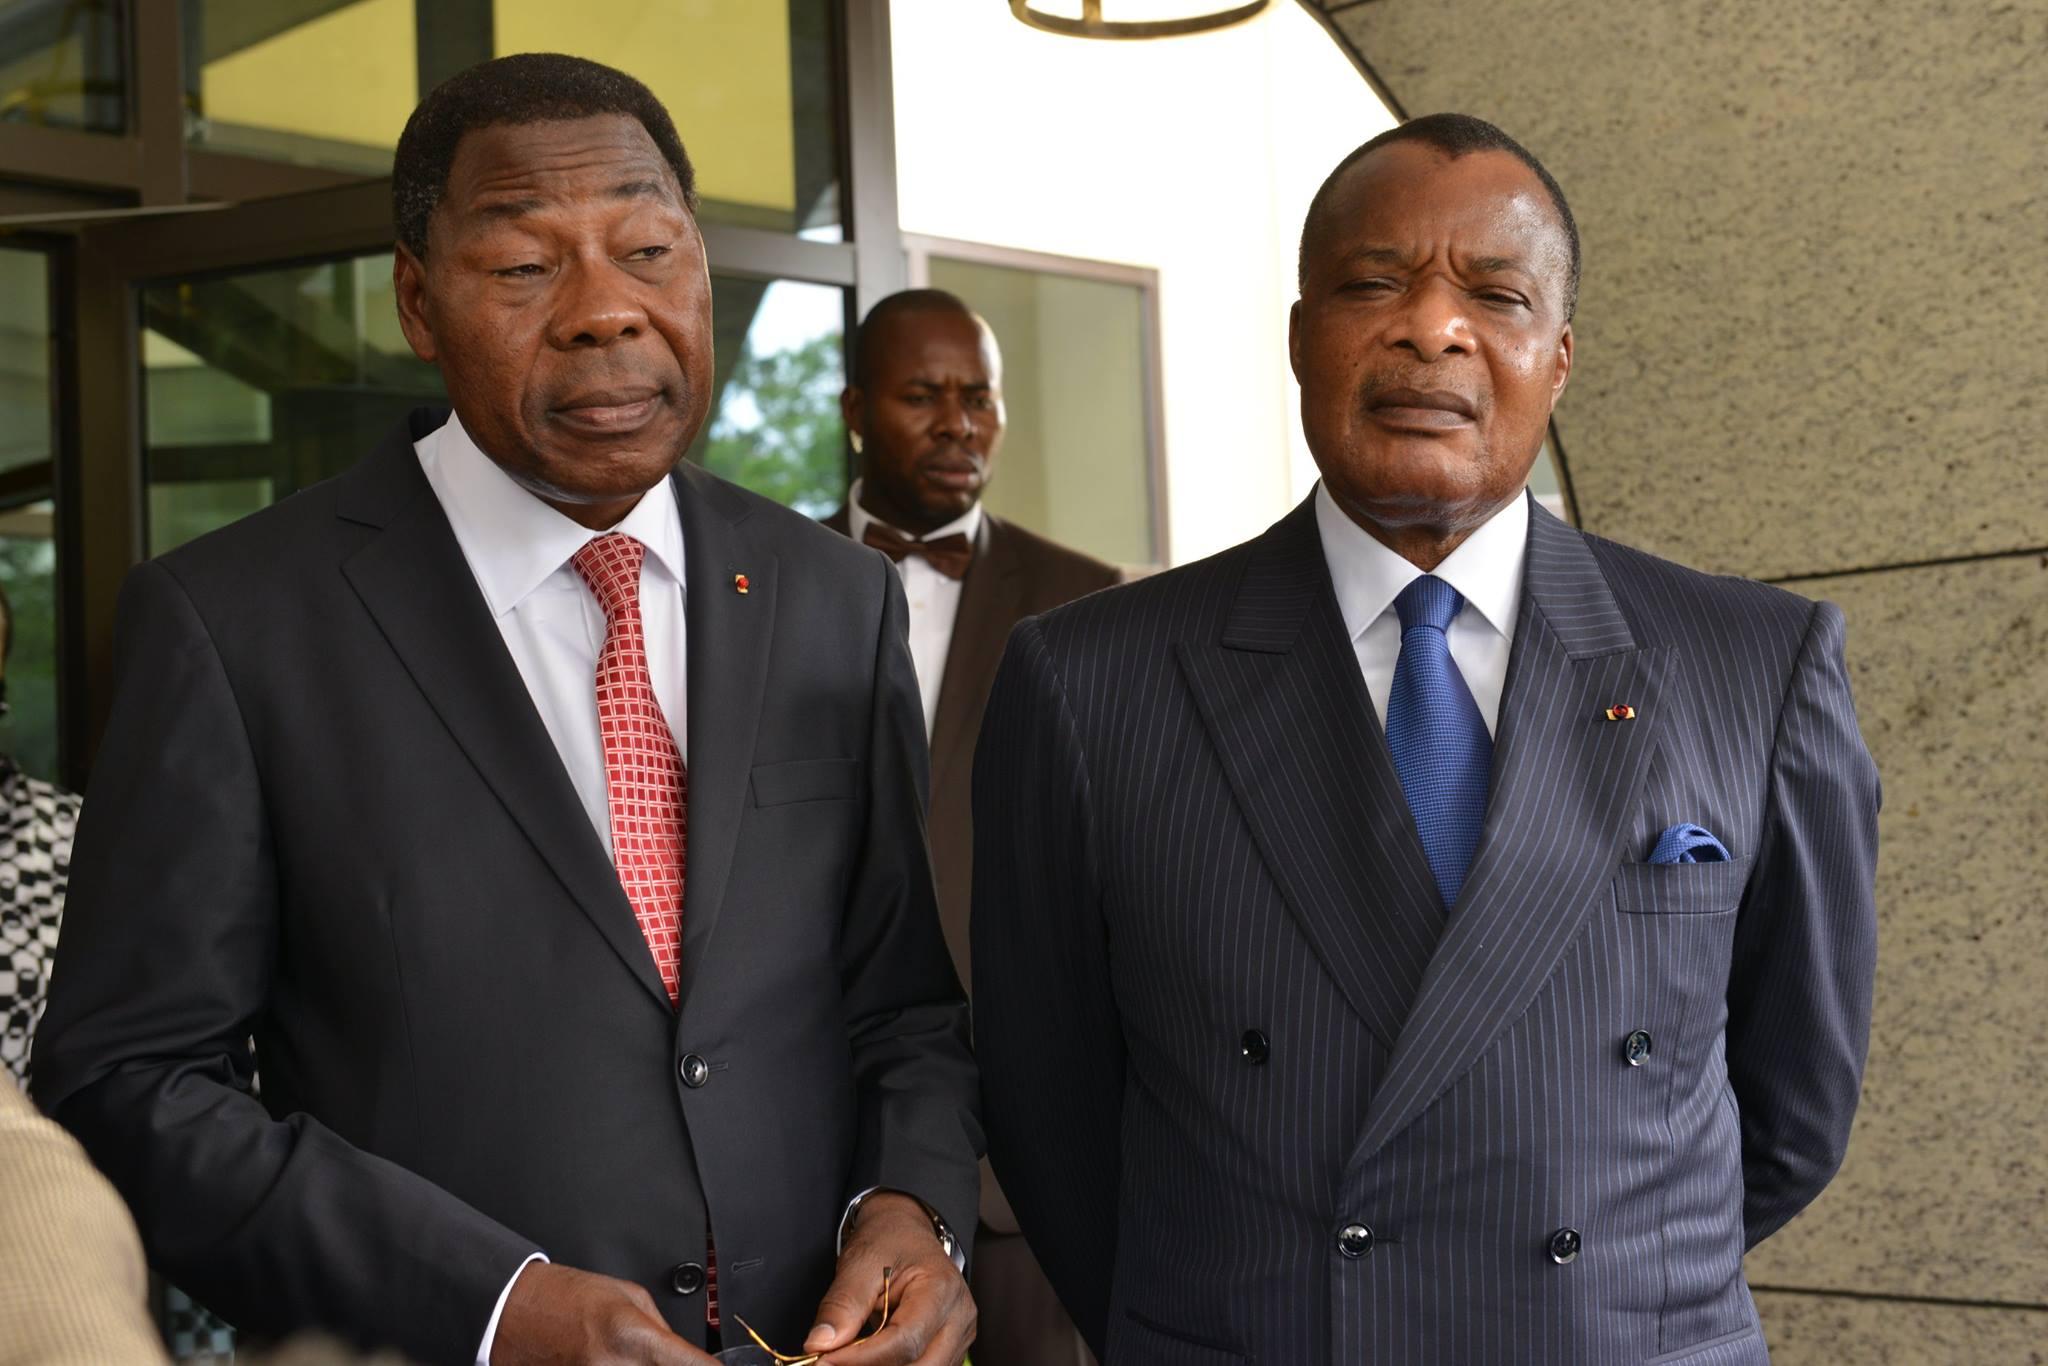 Arrivé à Brazzaville dans la matinée du 21 septembre pour une visite de travail, le chef de l'État béninois, Thomas Boni Yayi, l'un des médiateurs de la crise Burkinabè et son homologue congolais, Denis Sassou N'Guesso, ont organisé un  point de presse en évoquant la crise actuelle qui secoue le Burkina Faso.